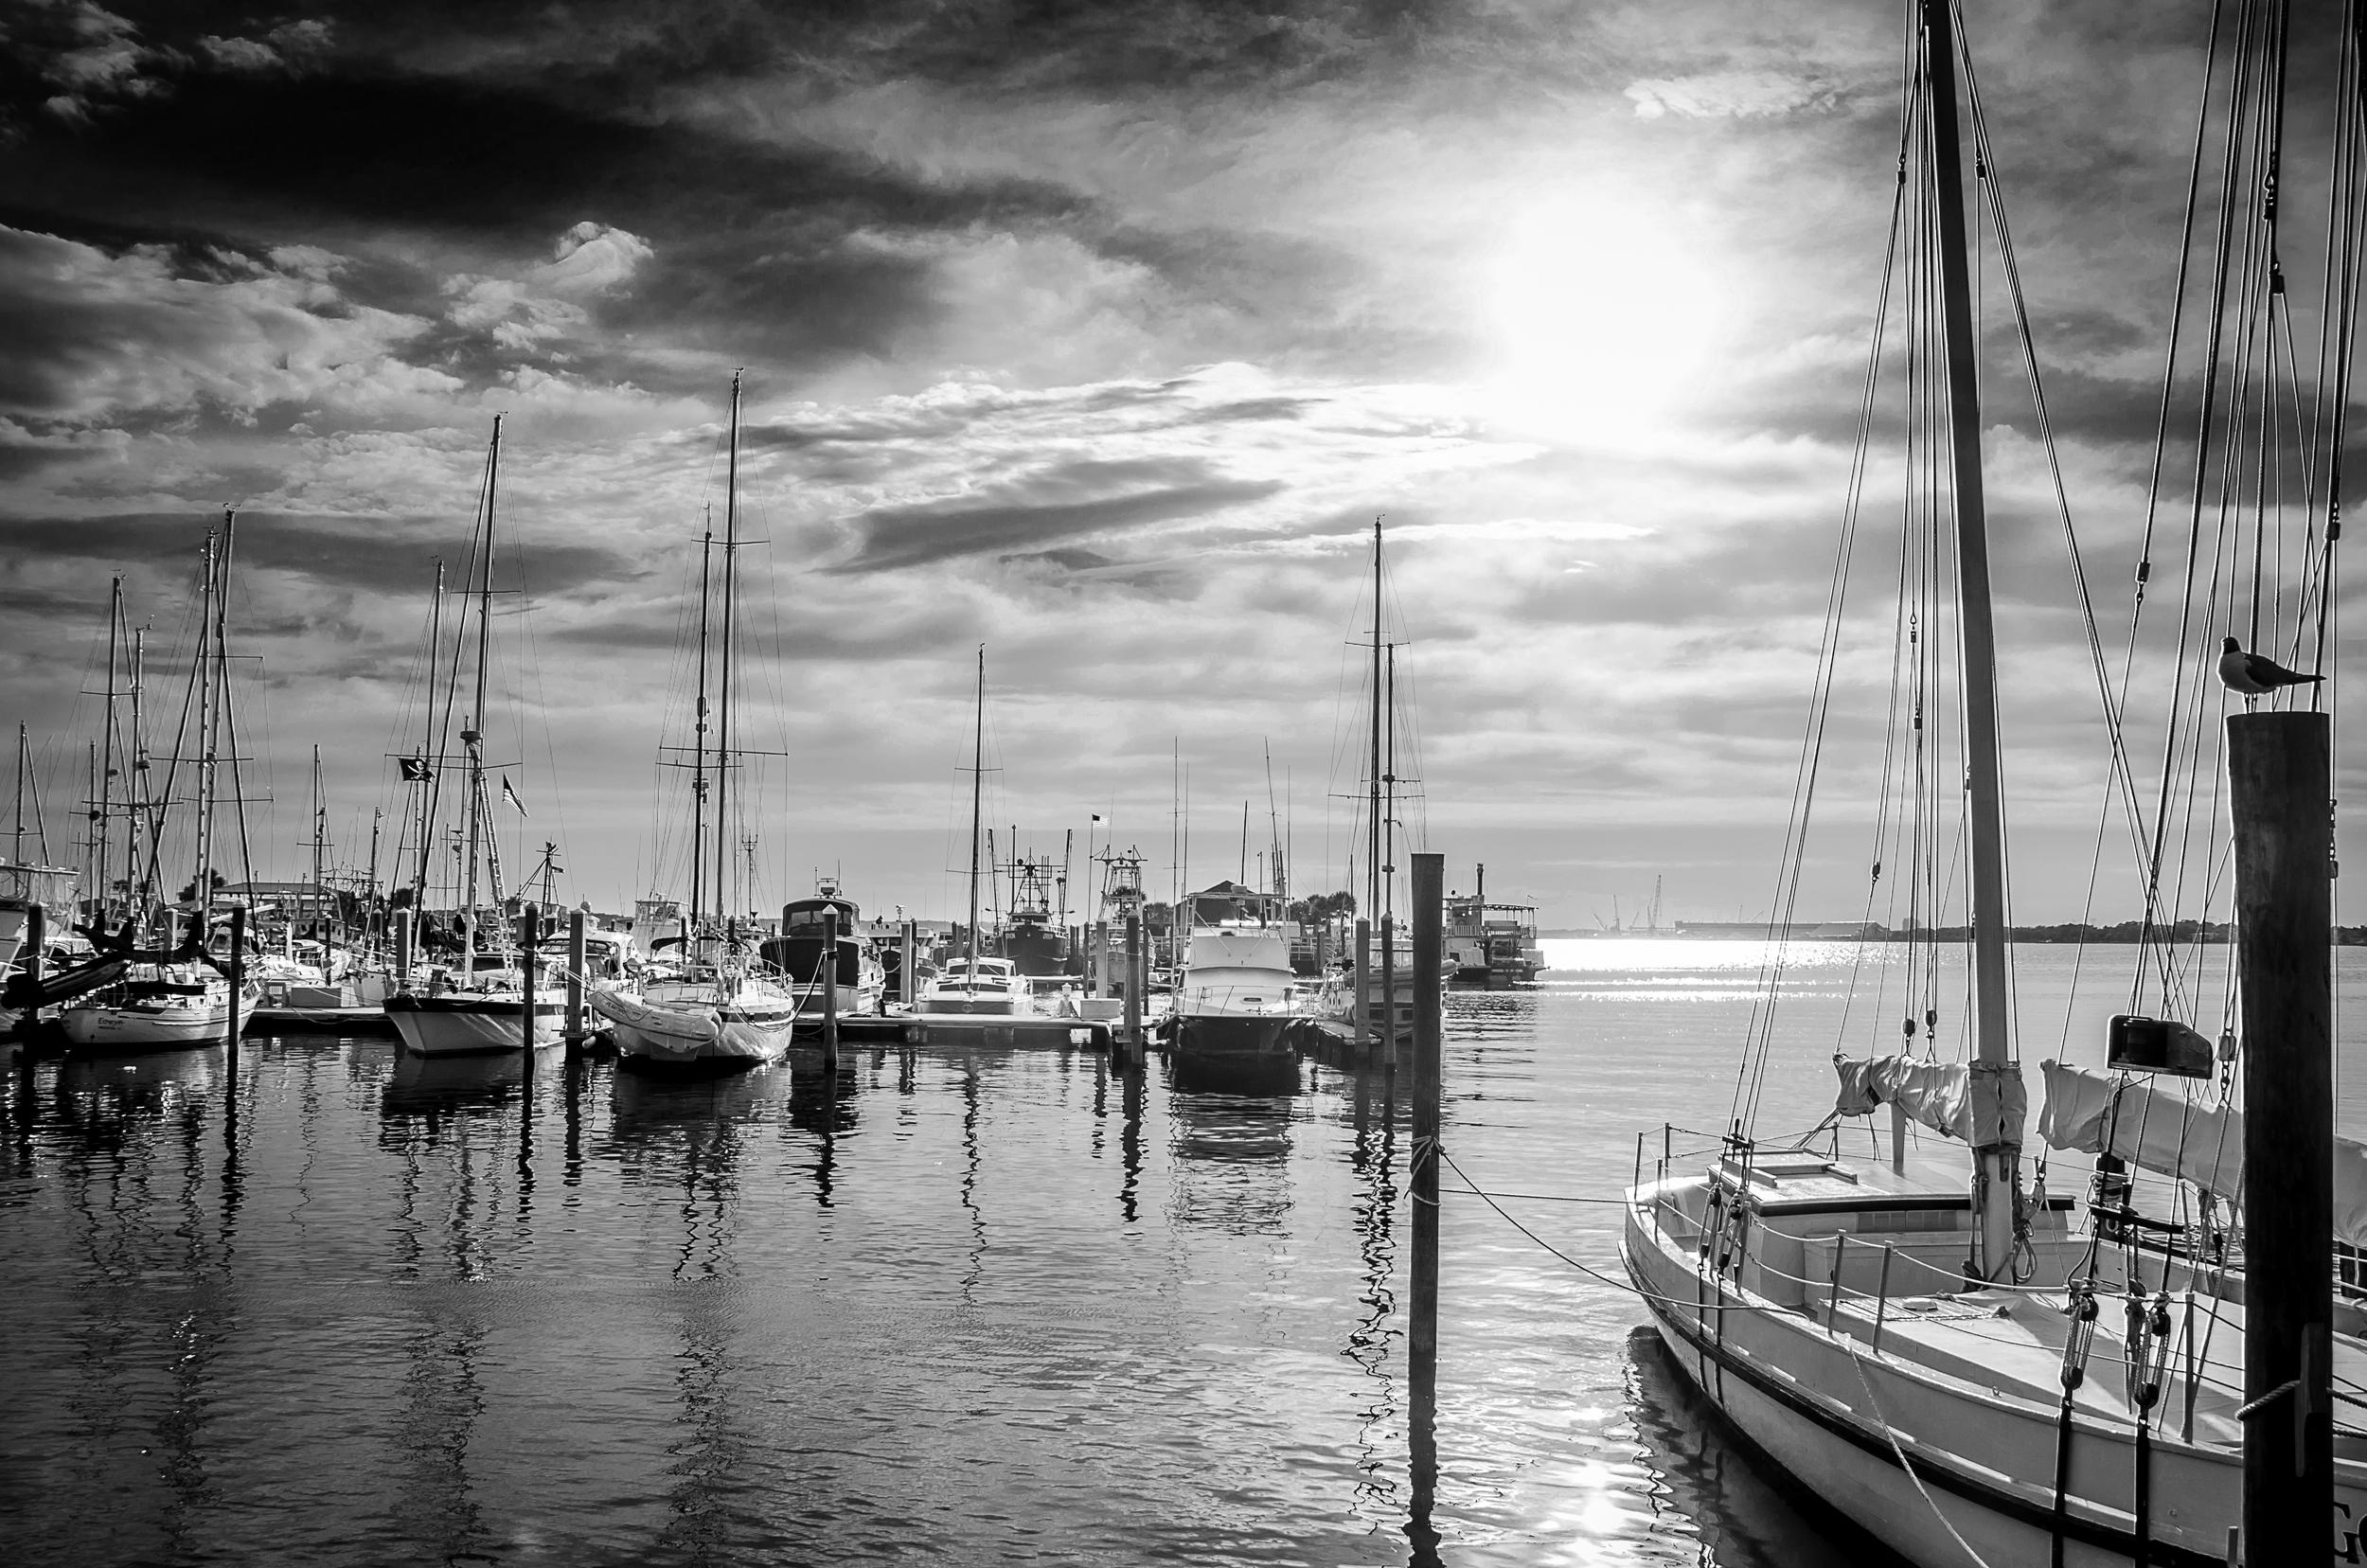 St. Andrews Marina, Panama City Florida